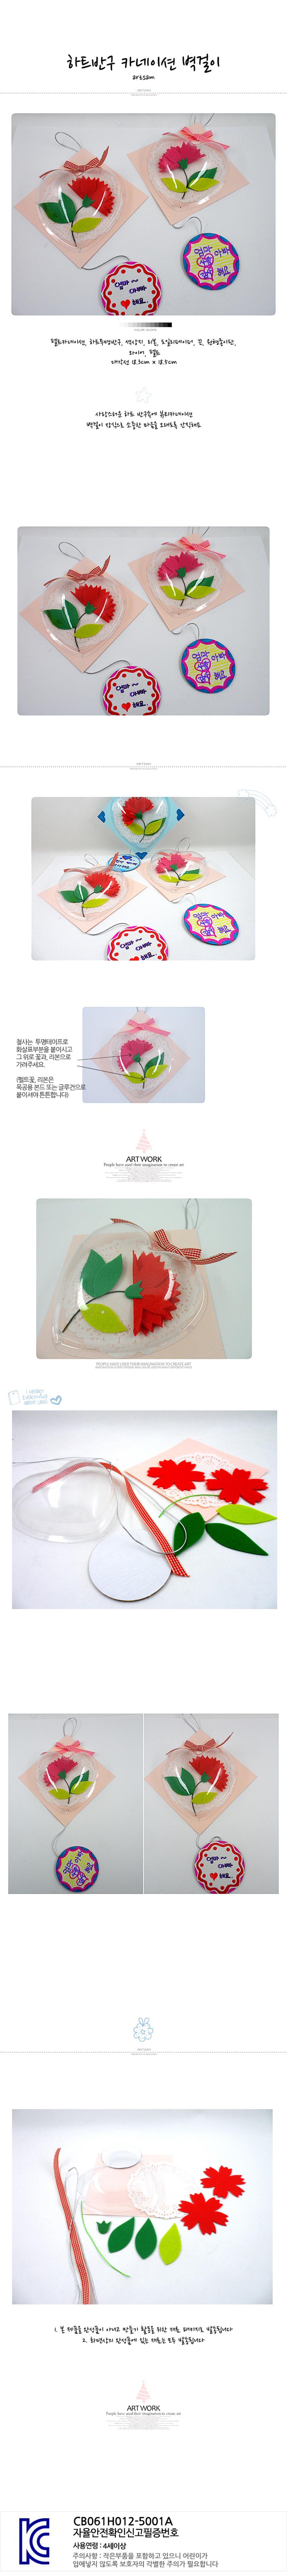 하트반구 카네이션 벽걸이 5인용 - 미술샘, 9,000원, 종이공예/북아트, 종이공예 패키지